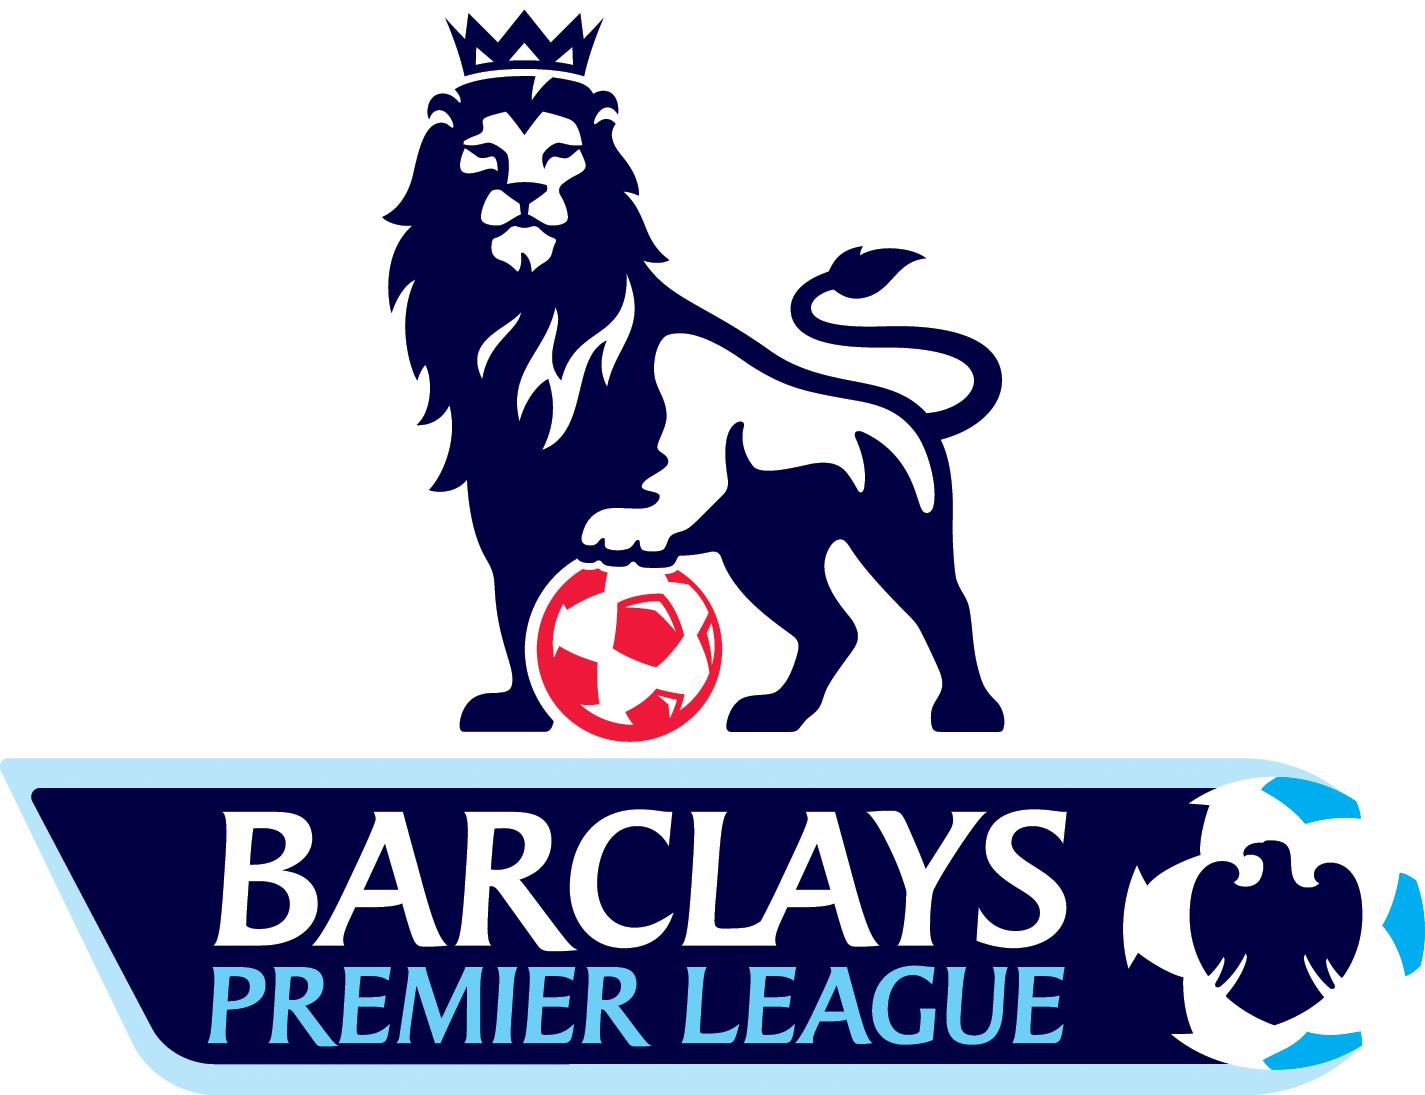 http://4.bp.blogspot.com/-JC6Z7ZylLbU/UC-bwv9EpDI/AAAAAAAACLo/YCuLUr9PpbA/s1600/Premier-League-logo1.jpg